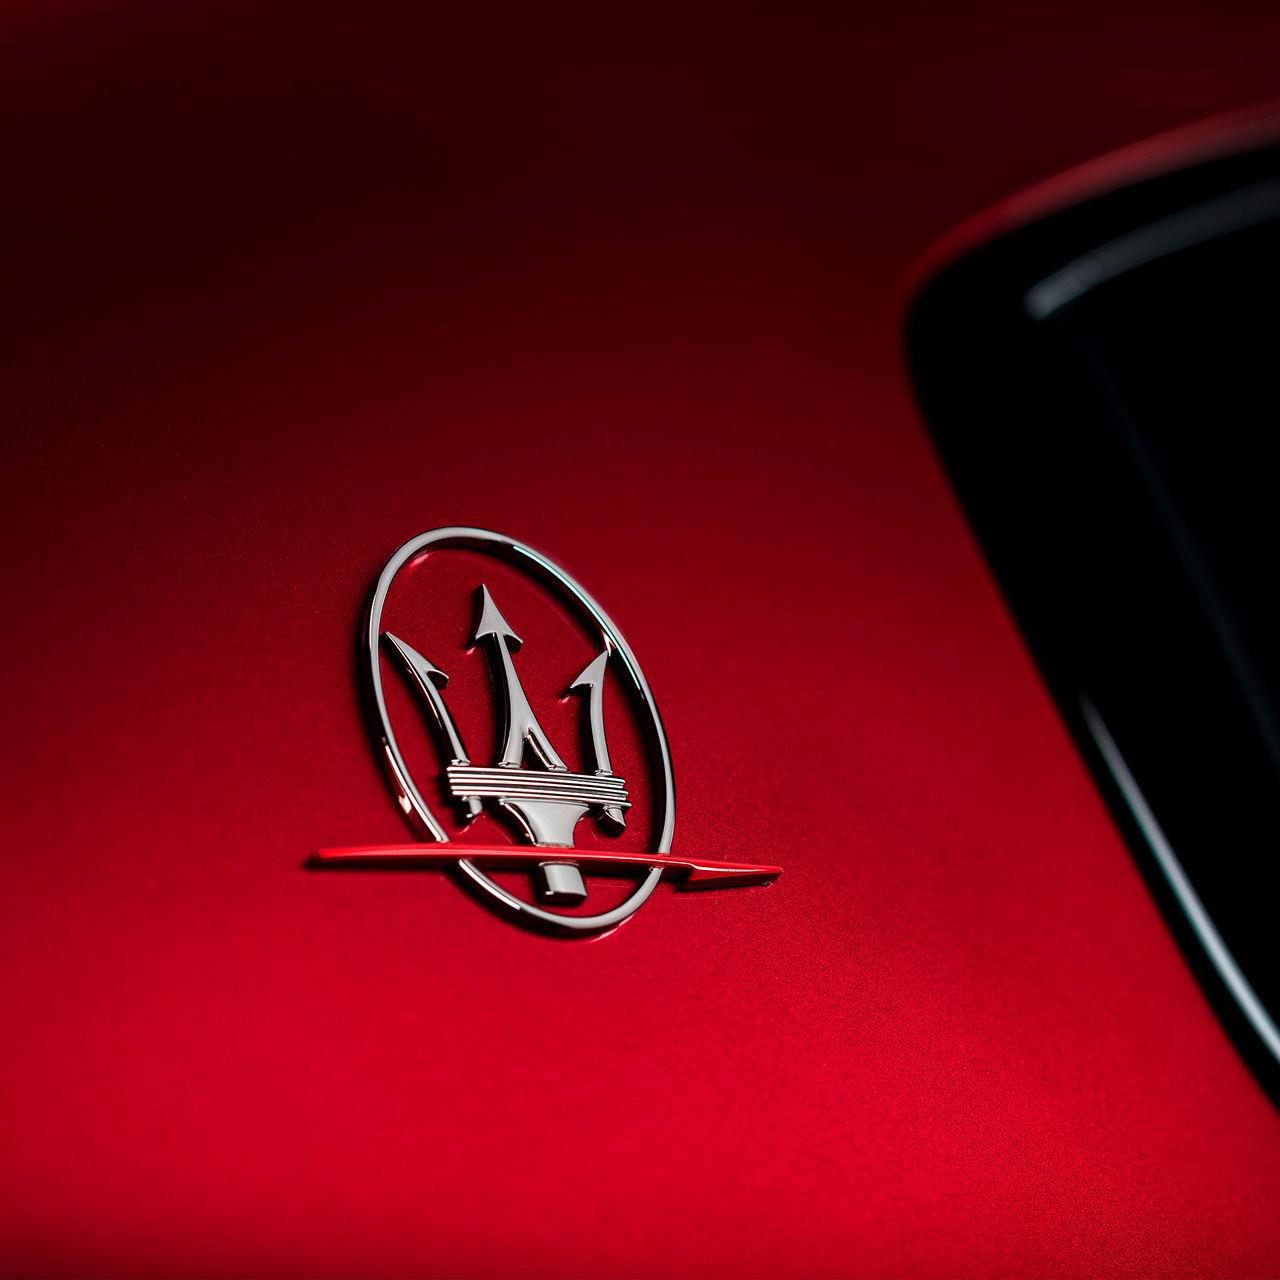 Maserati Ghibli Trofeo - Rot - Design - Dreizack-Logo